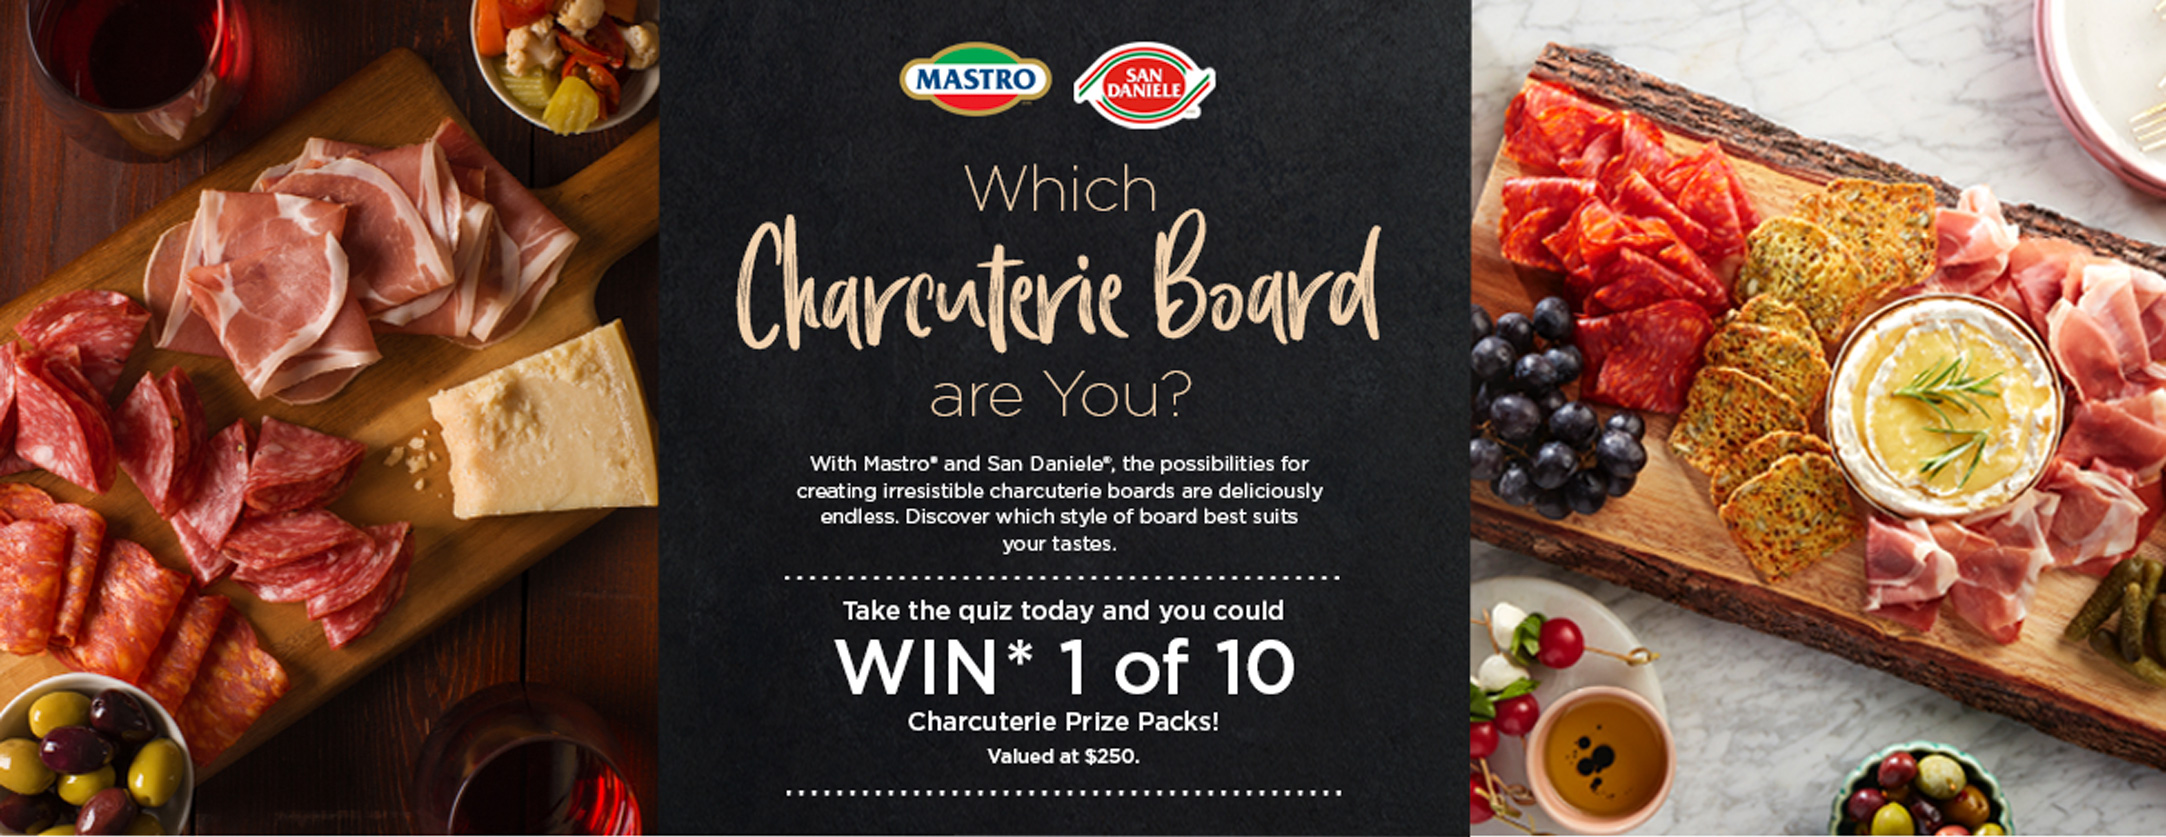 Mastro Charcuterie Board Contest